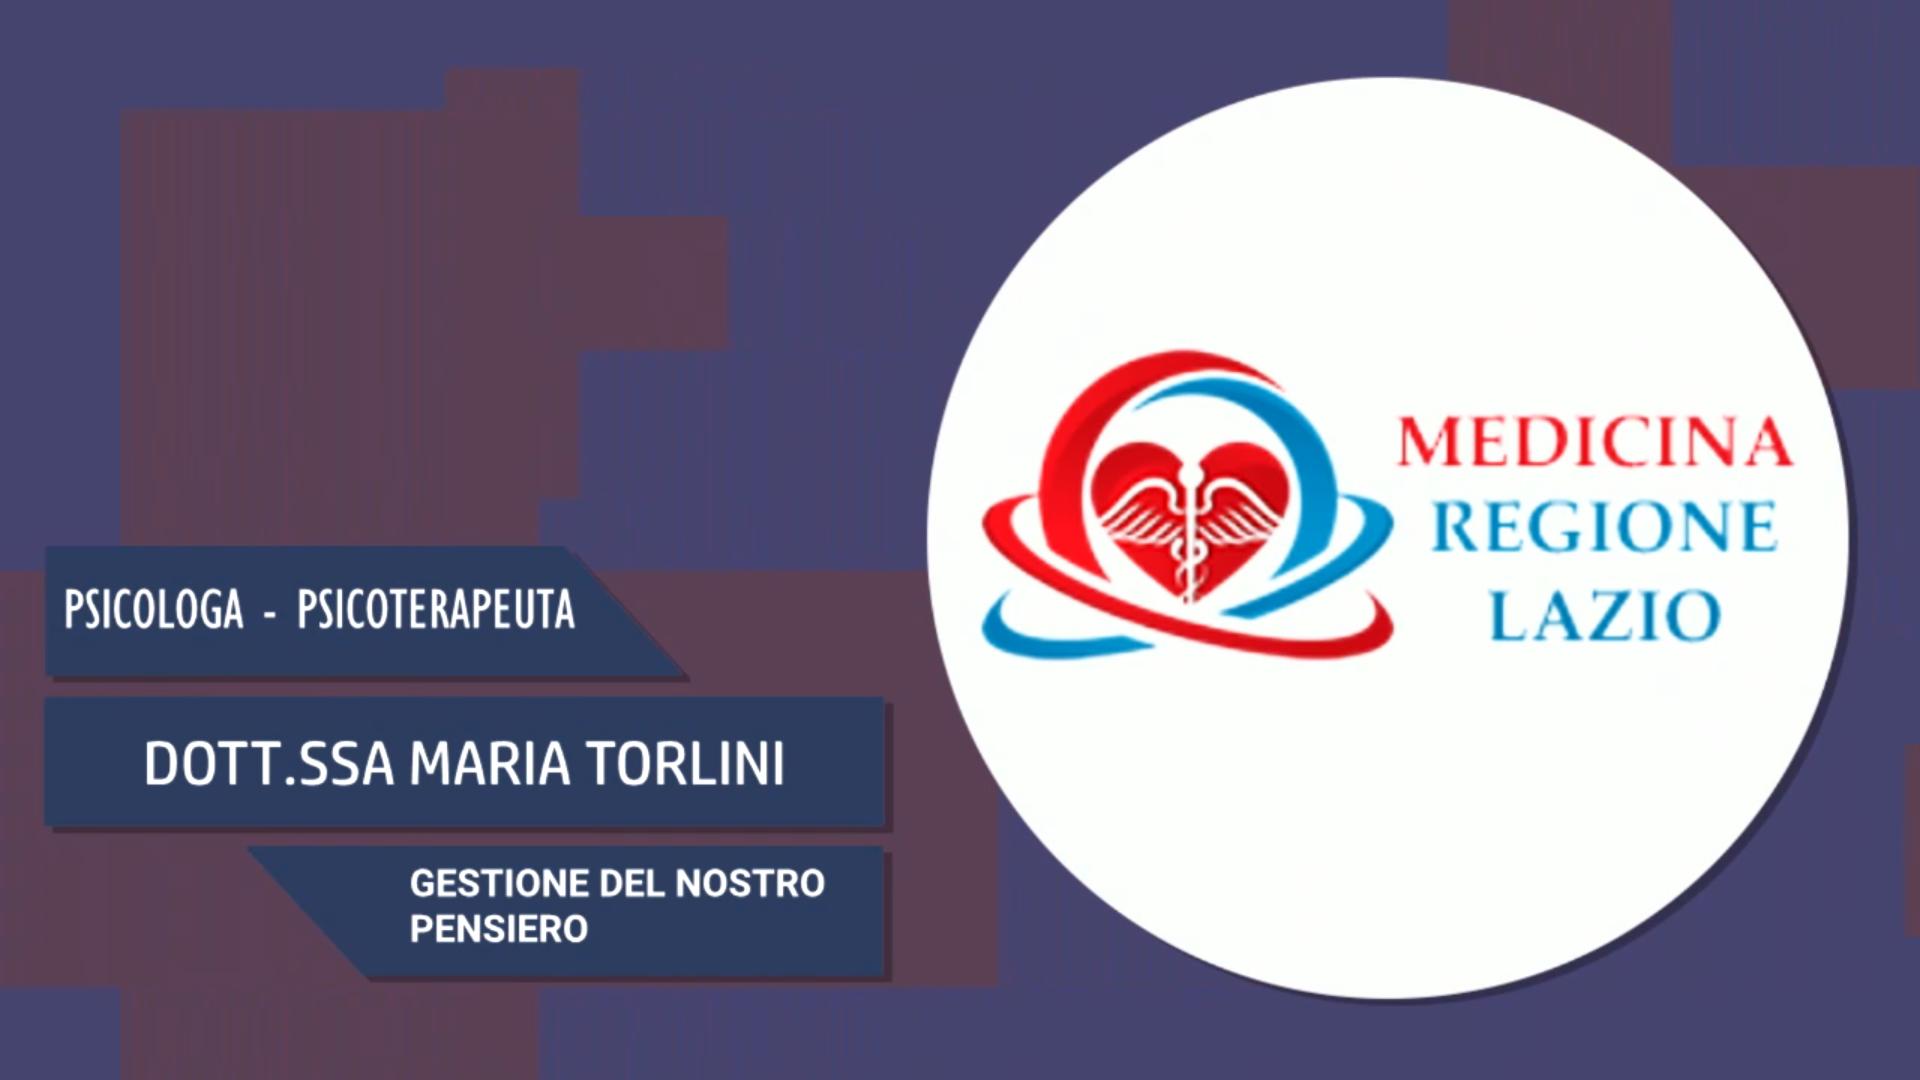 Intervista alla Dott.ssa Maria Torlini – Gestione del nostro pensiero